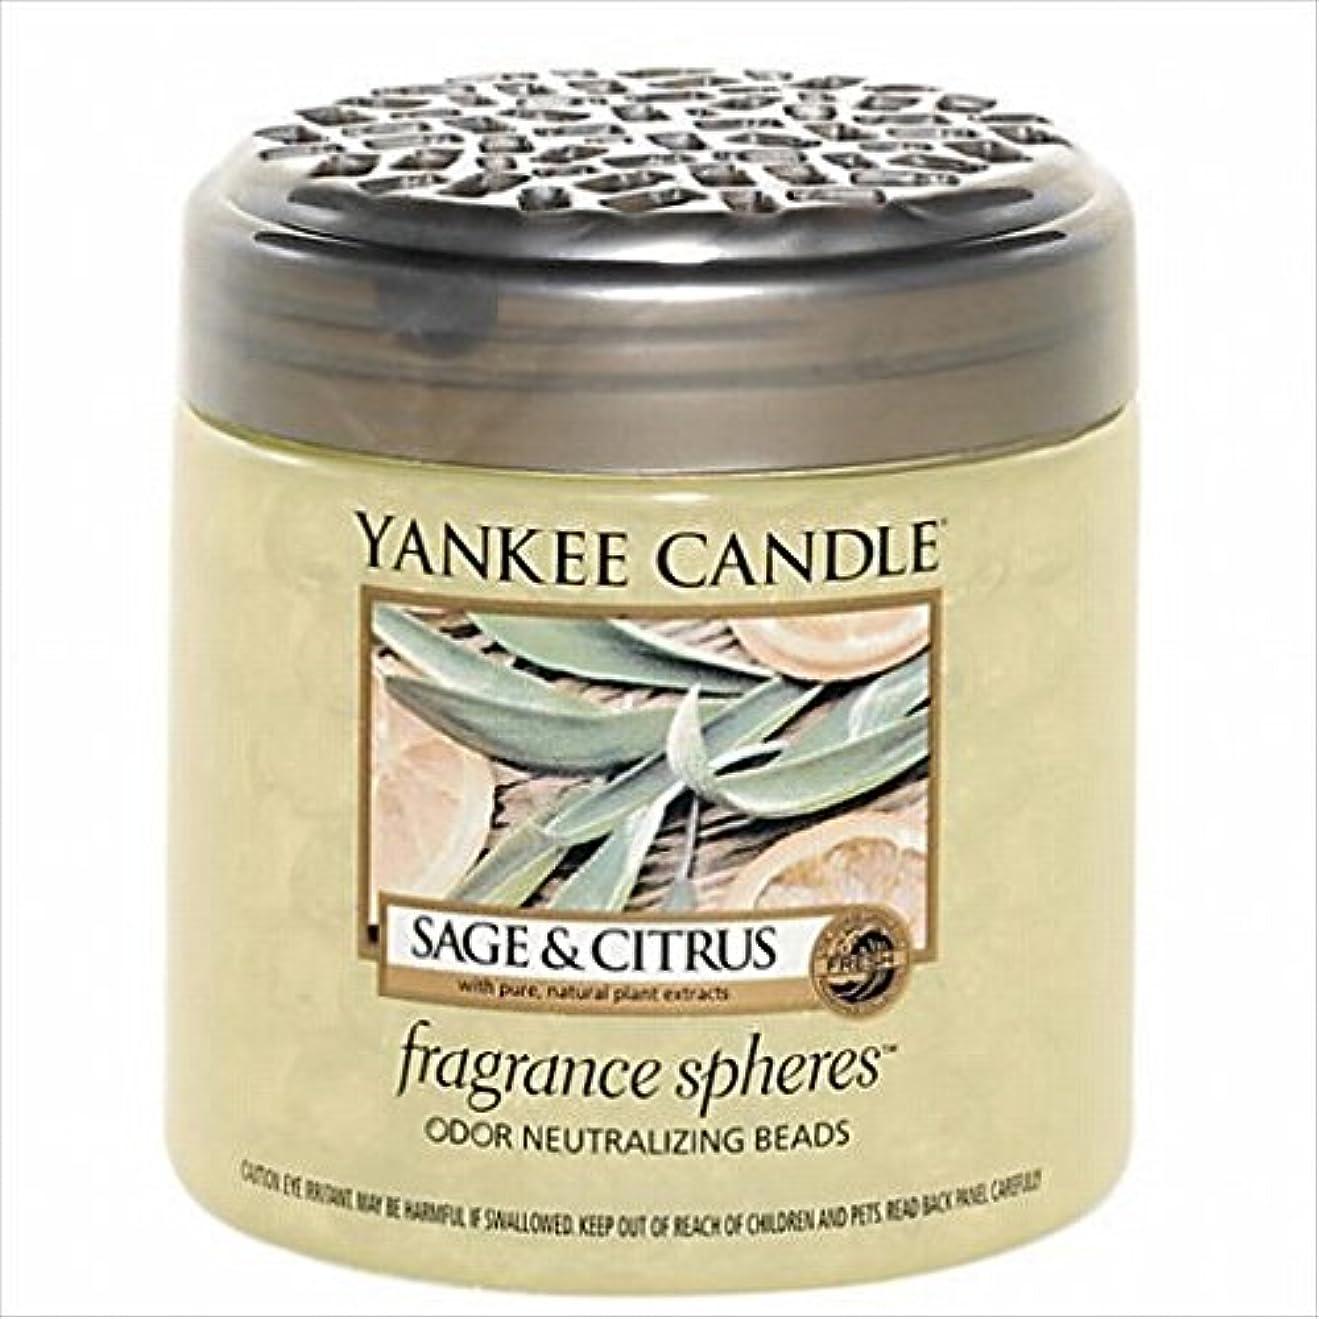 再び無し辛いヤンキーキャンドル( YANKEE CANDLE ) YANKEE CANDLE フレグランスビーズ 「 セージ&シトラス 」